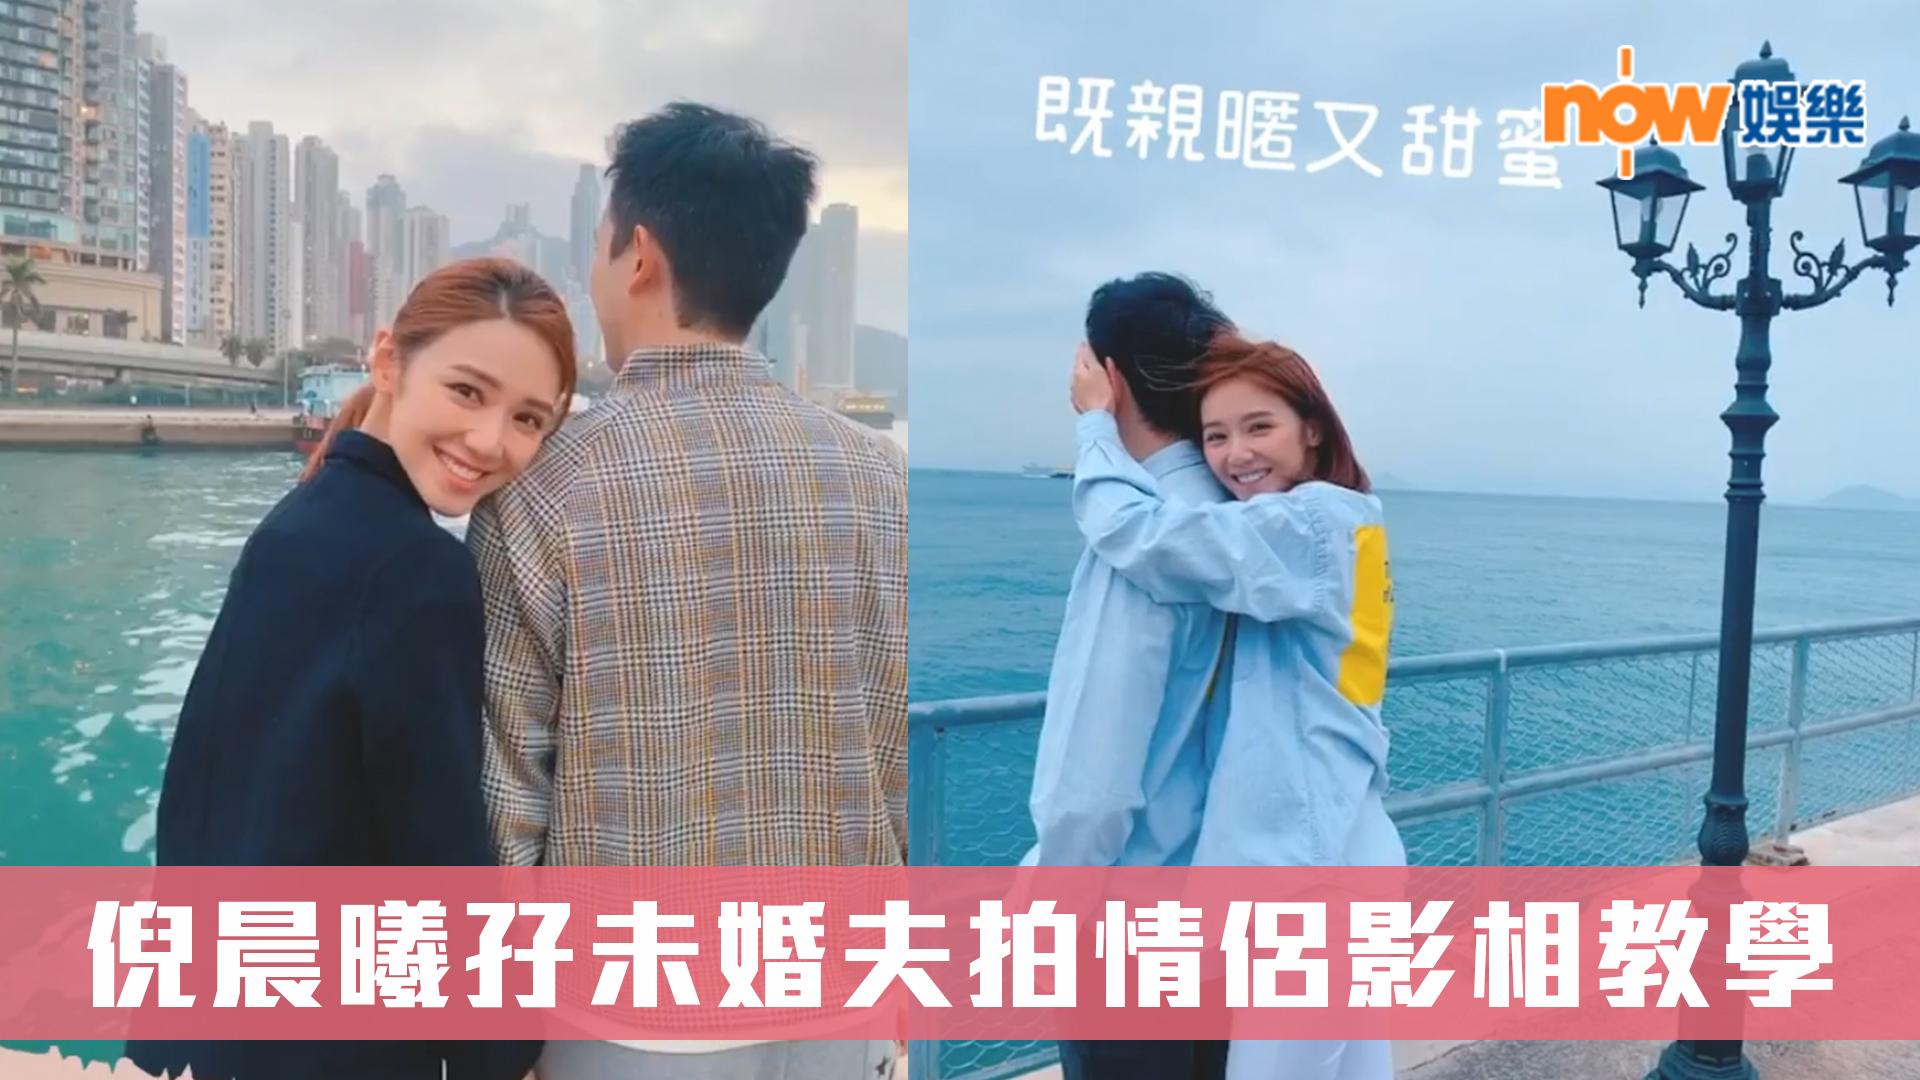 【情人節】倪晨曦孖未婚夫拍「不露臉」情侶影相教學